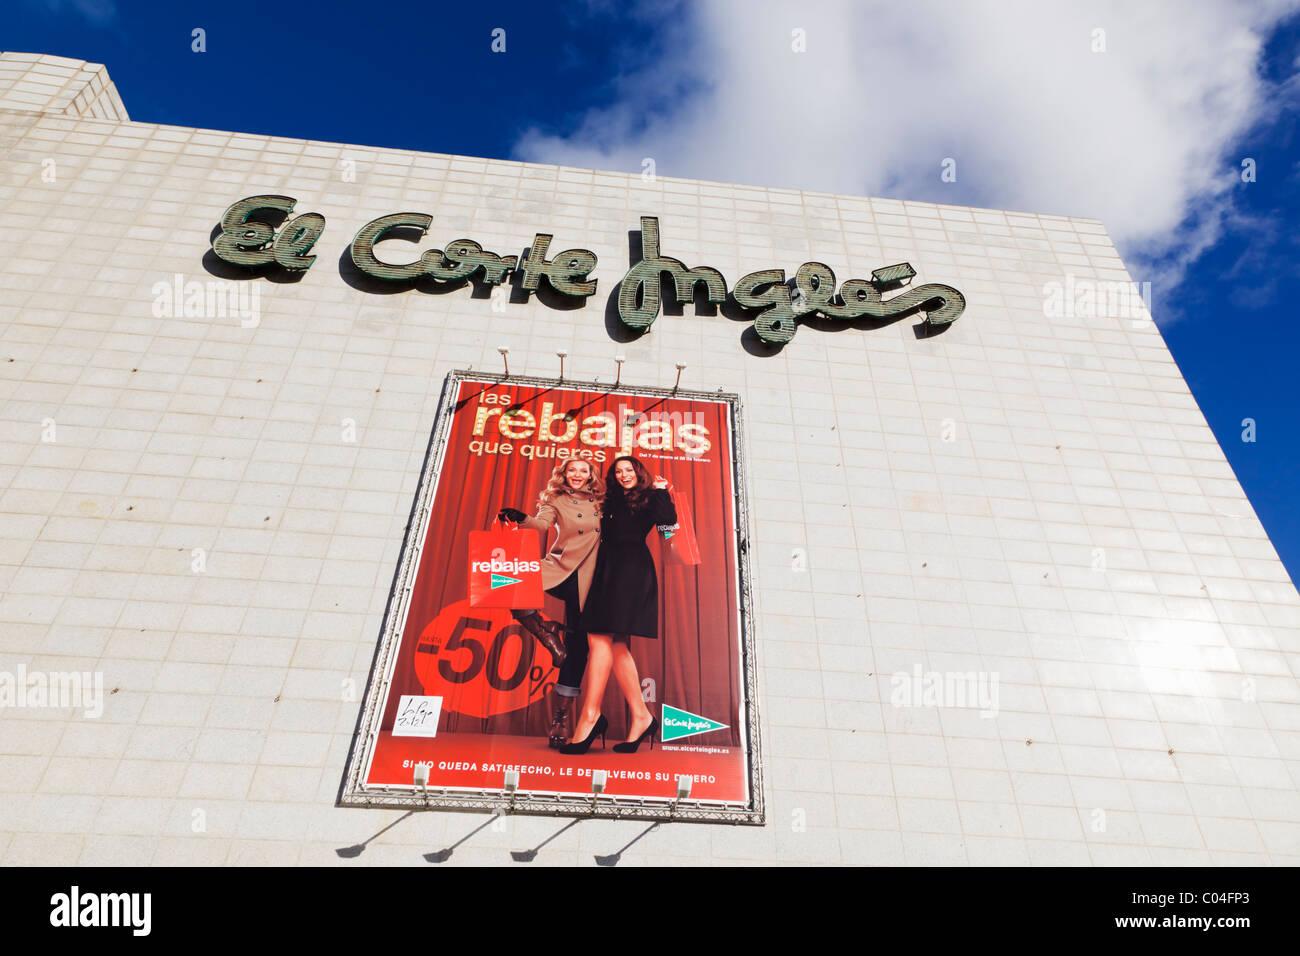 Werbung für den Verkauf im Kaufhaus El Corte Ingles Gebäude, Malaga, Provinz Malaga, Spanien. Stockbild